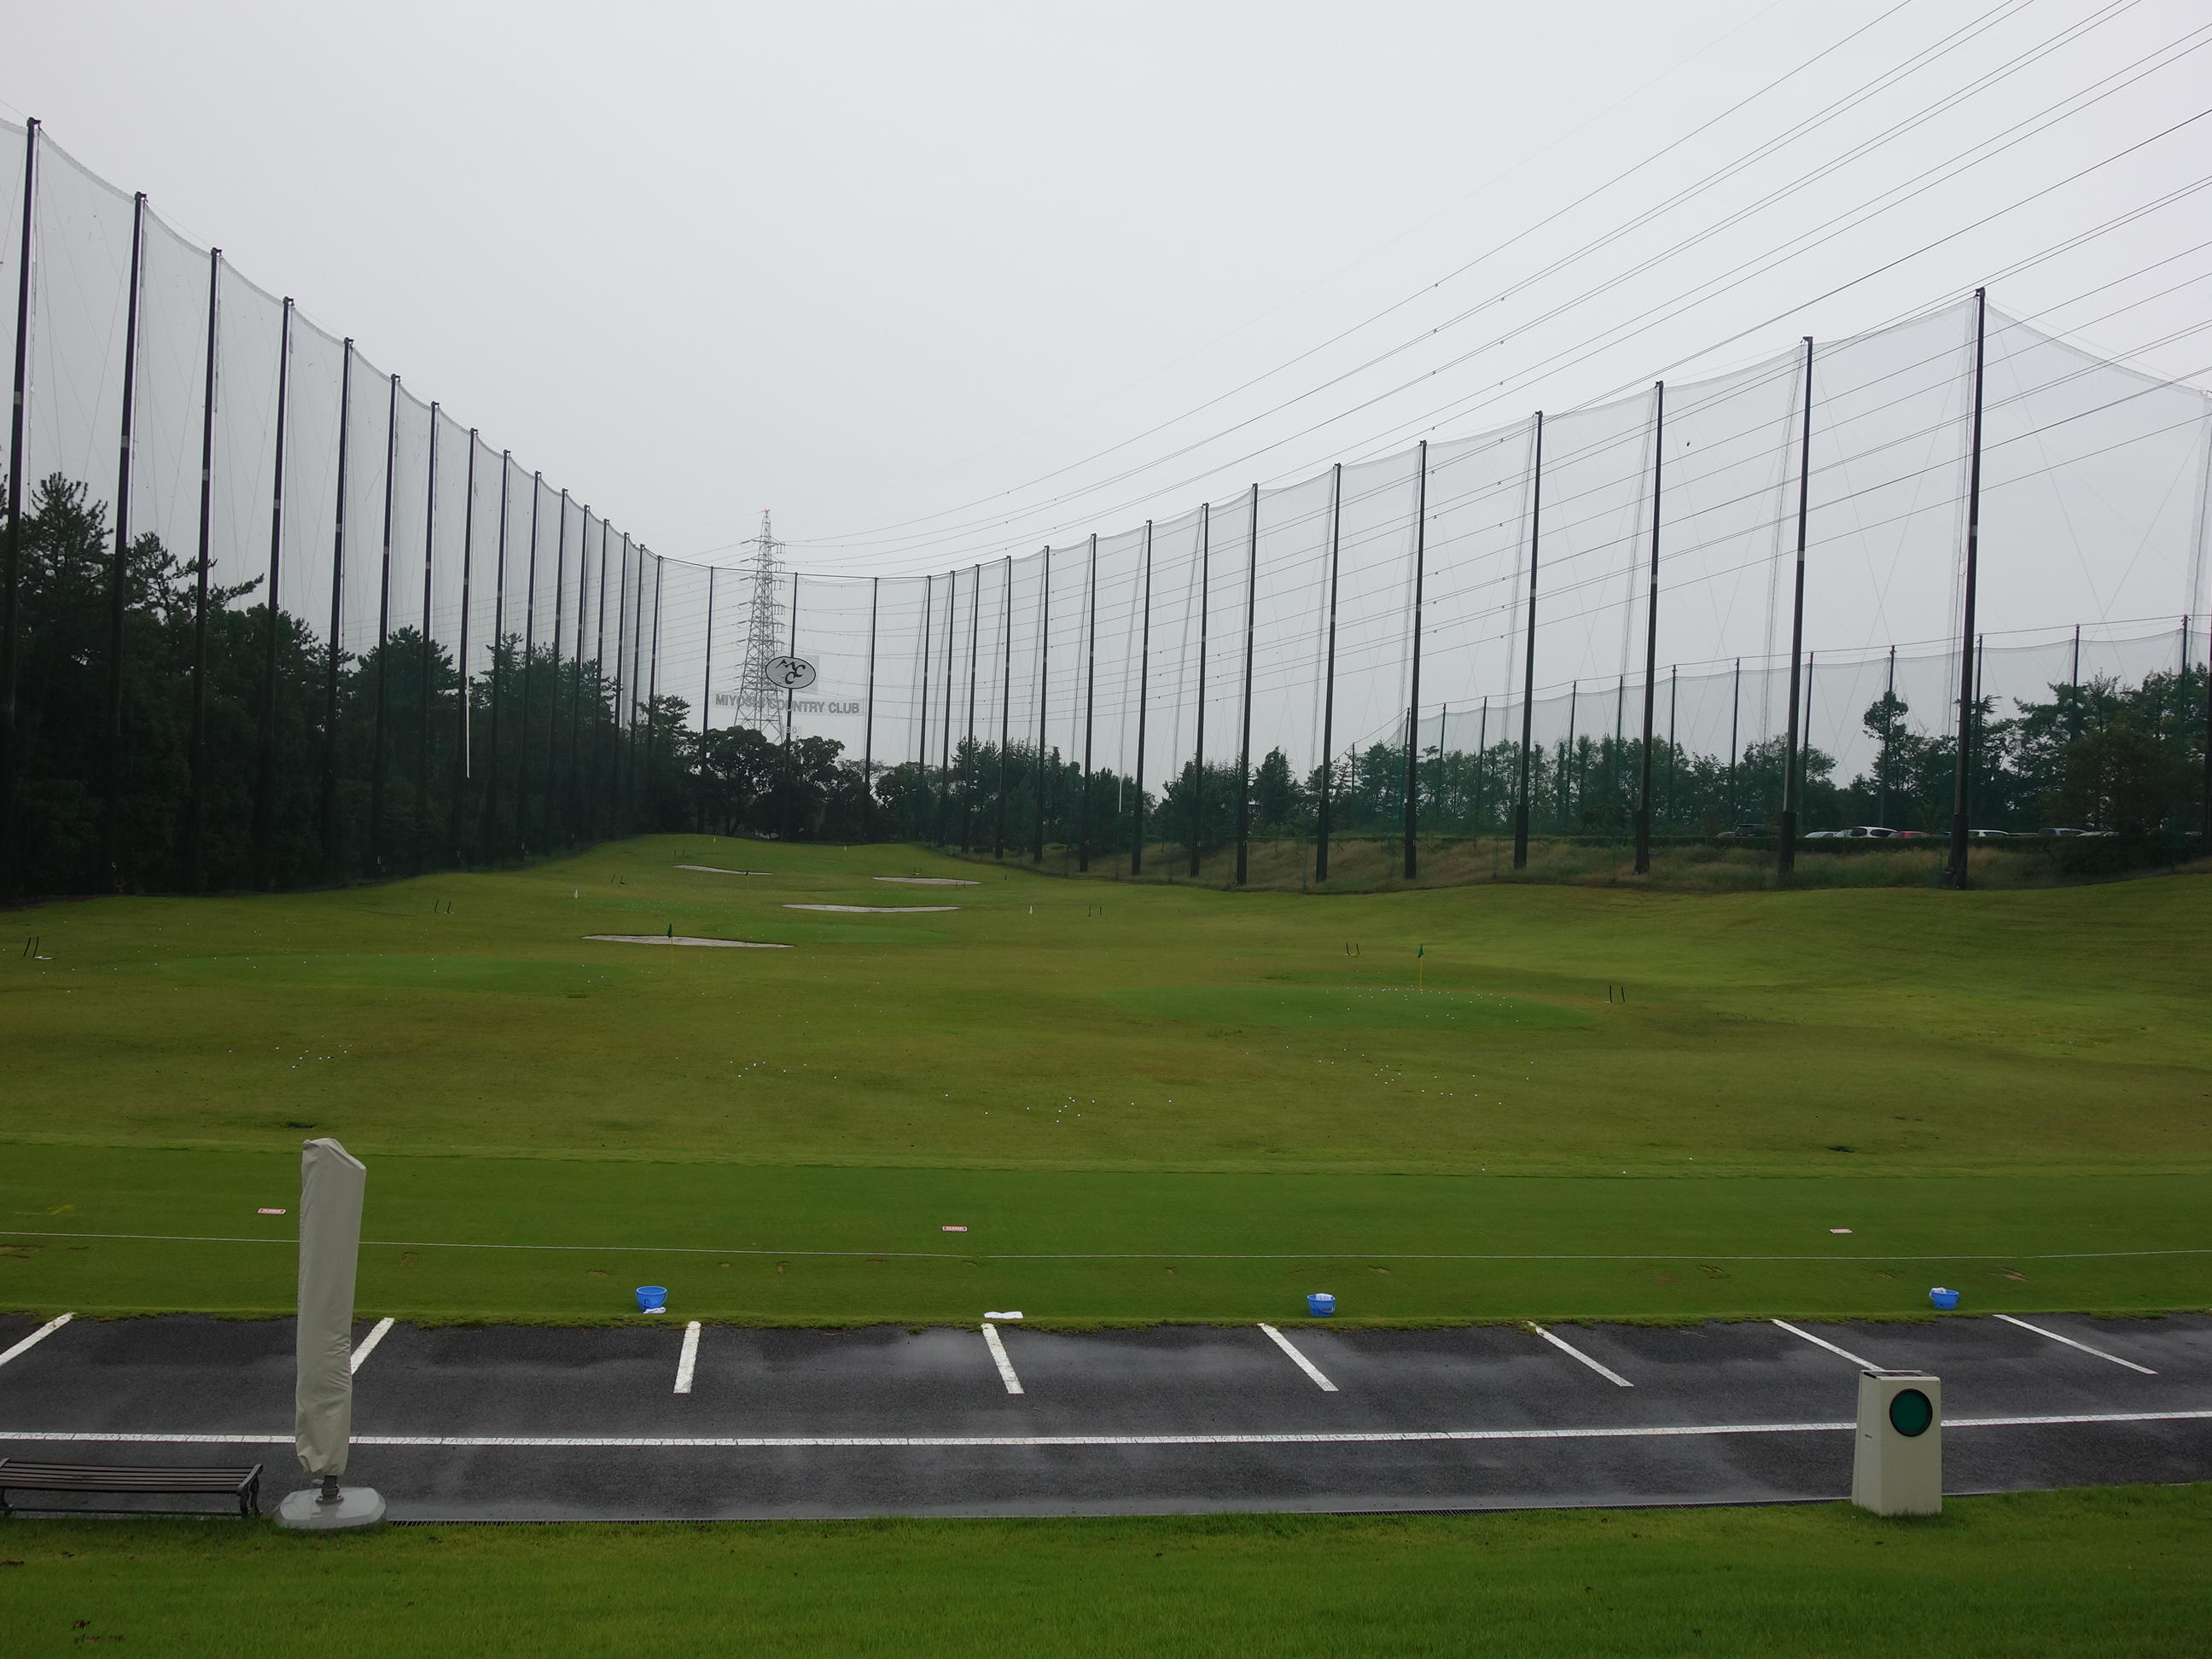 http://www.bs-golf.com/pro/84a2bd36f2de75e2af0066d0ad227ed1f7122899.JPG